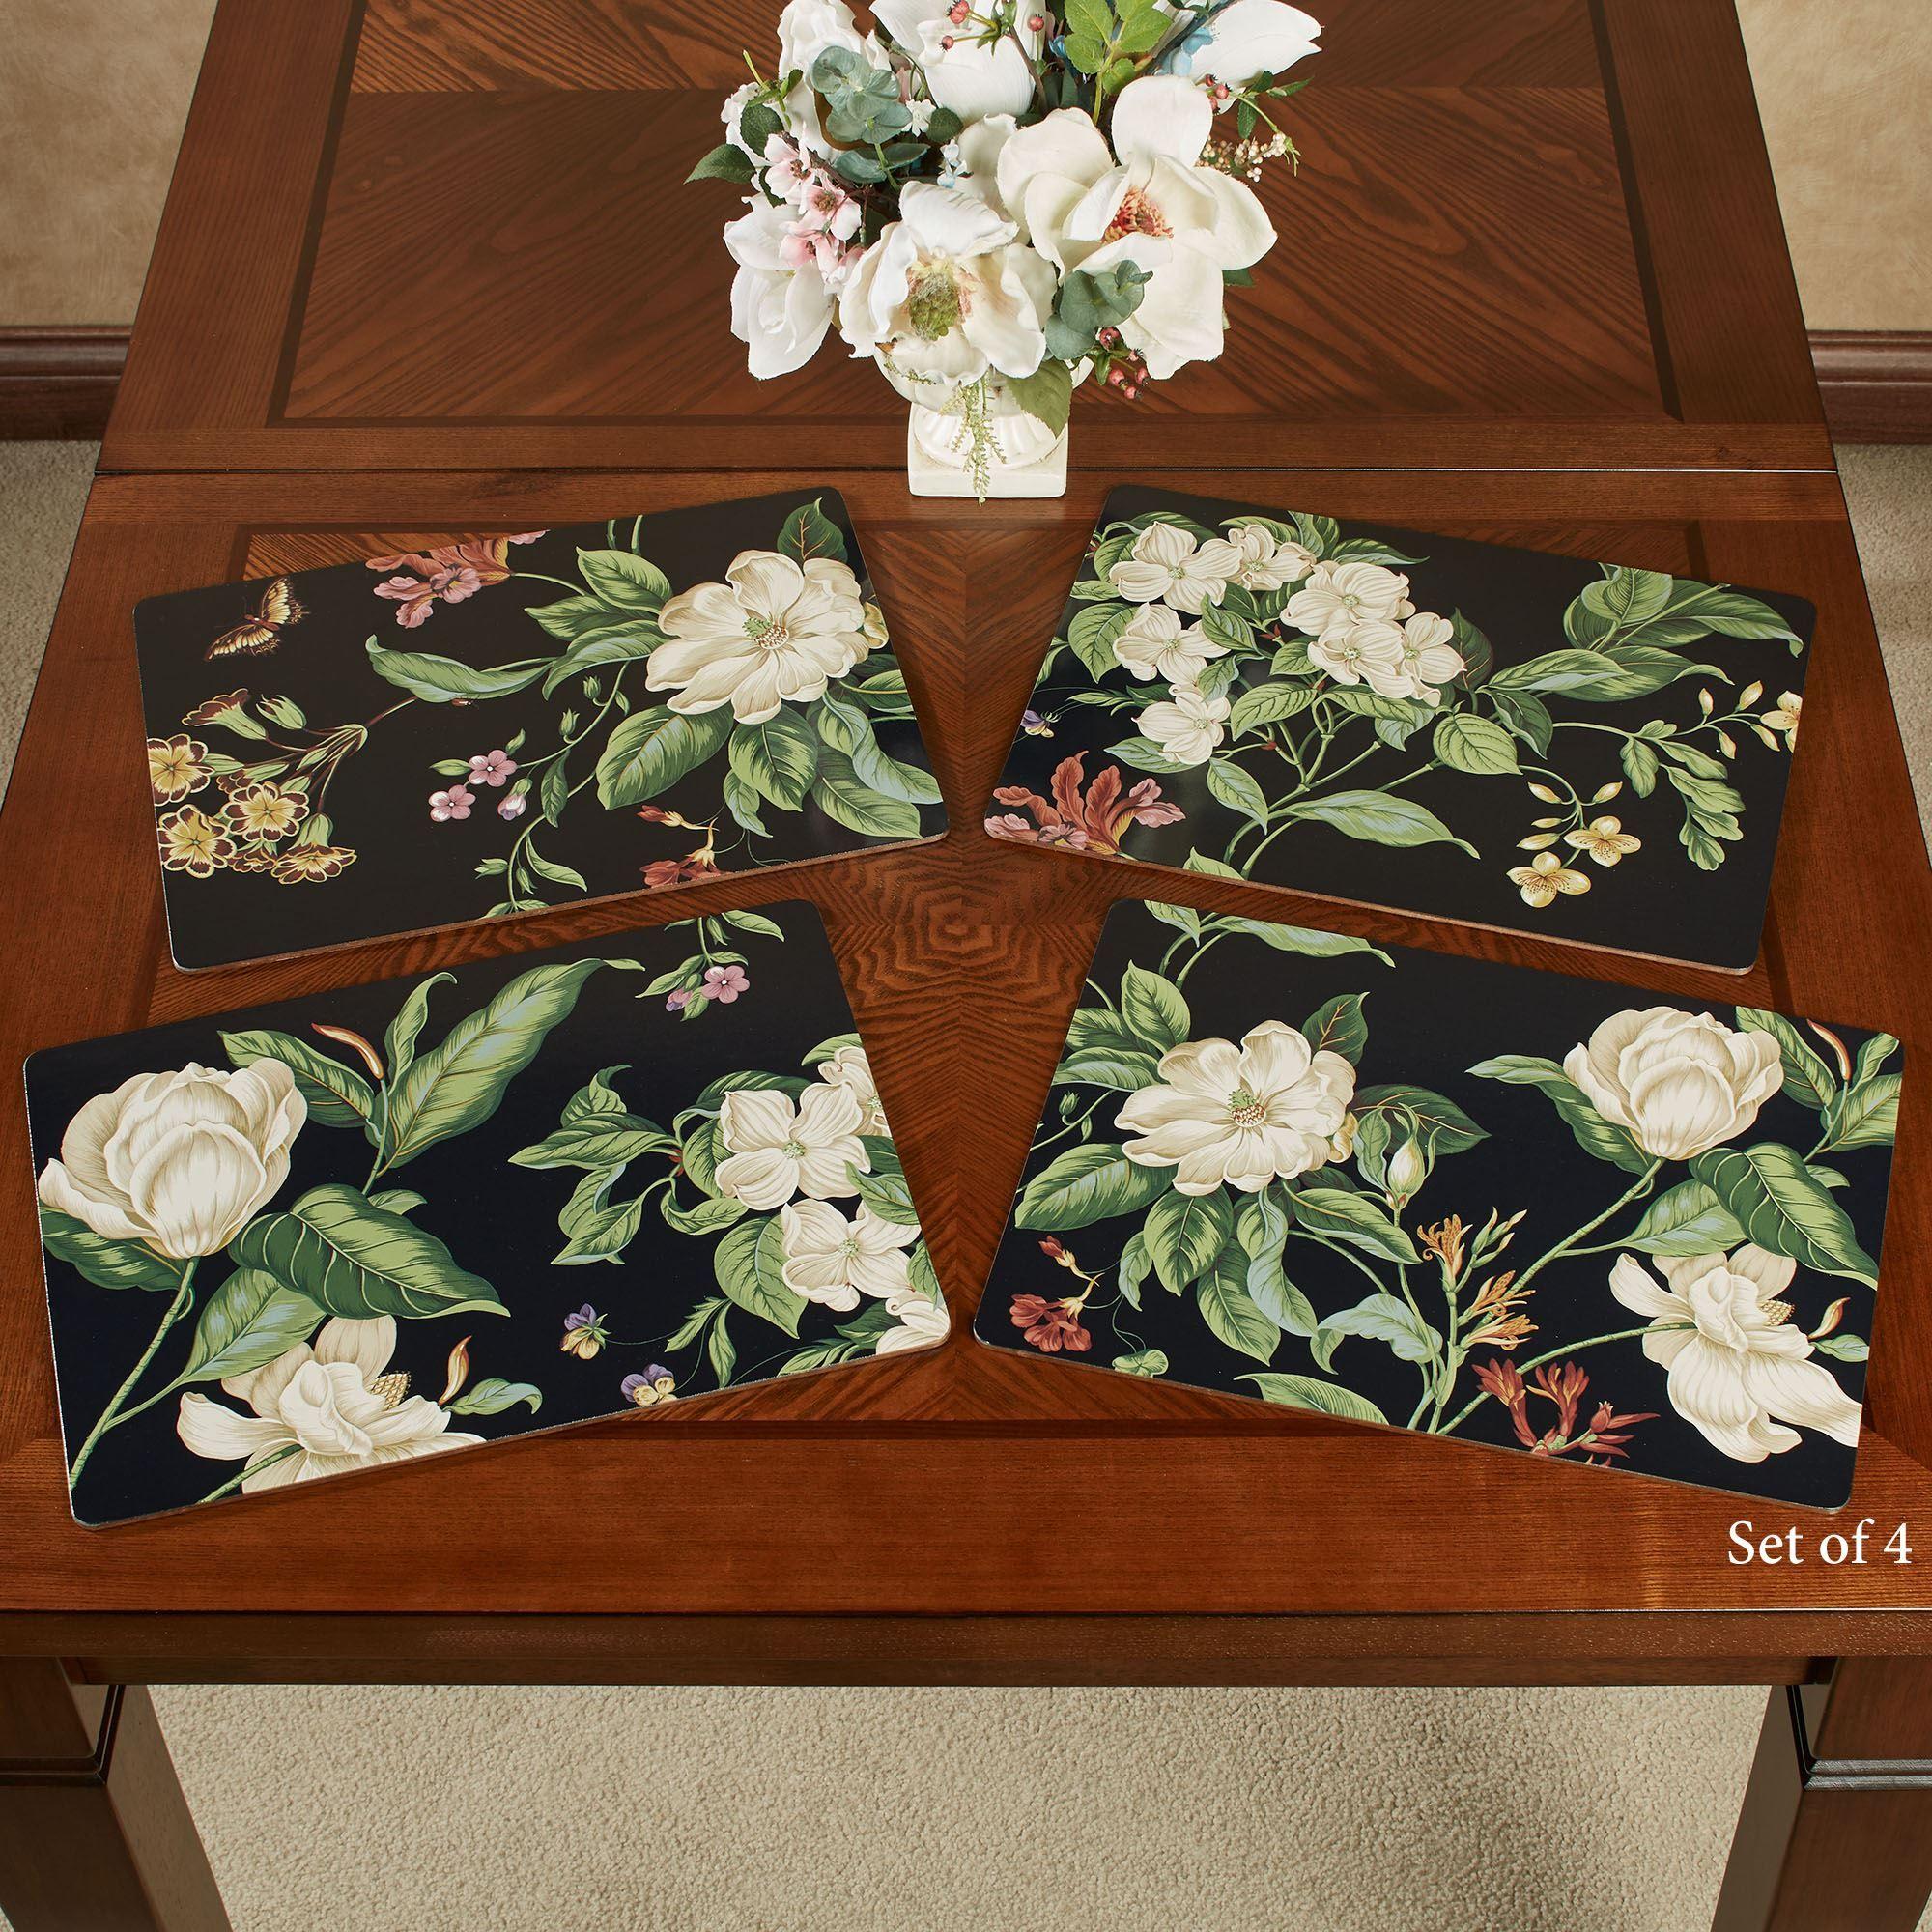 Garden Images Black Floral Hardboard Placemat Set Of 4